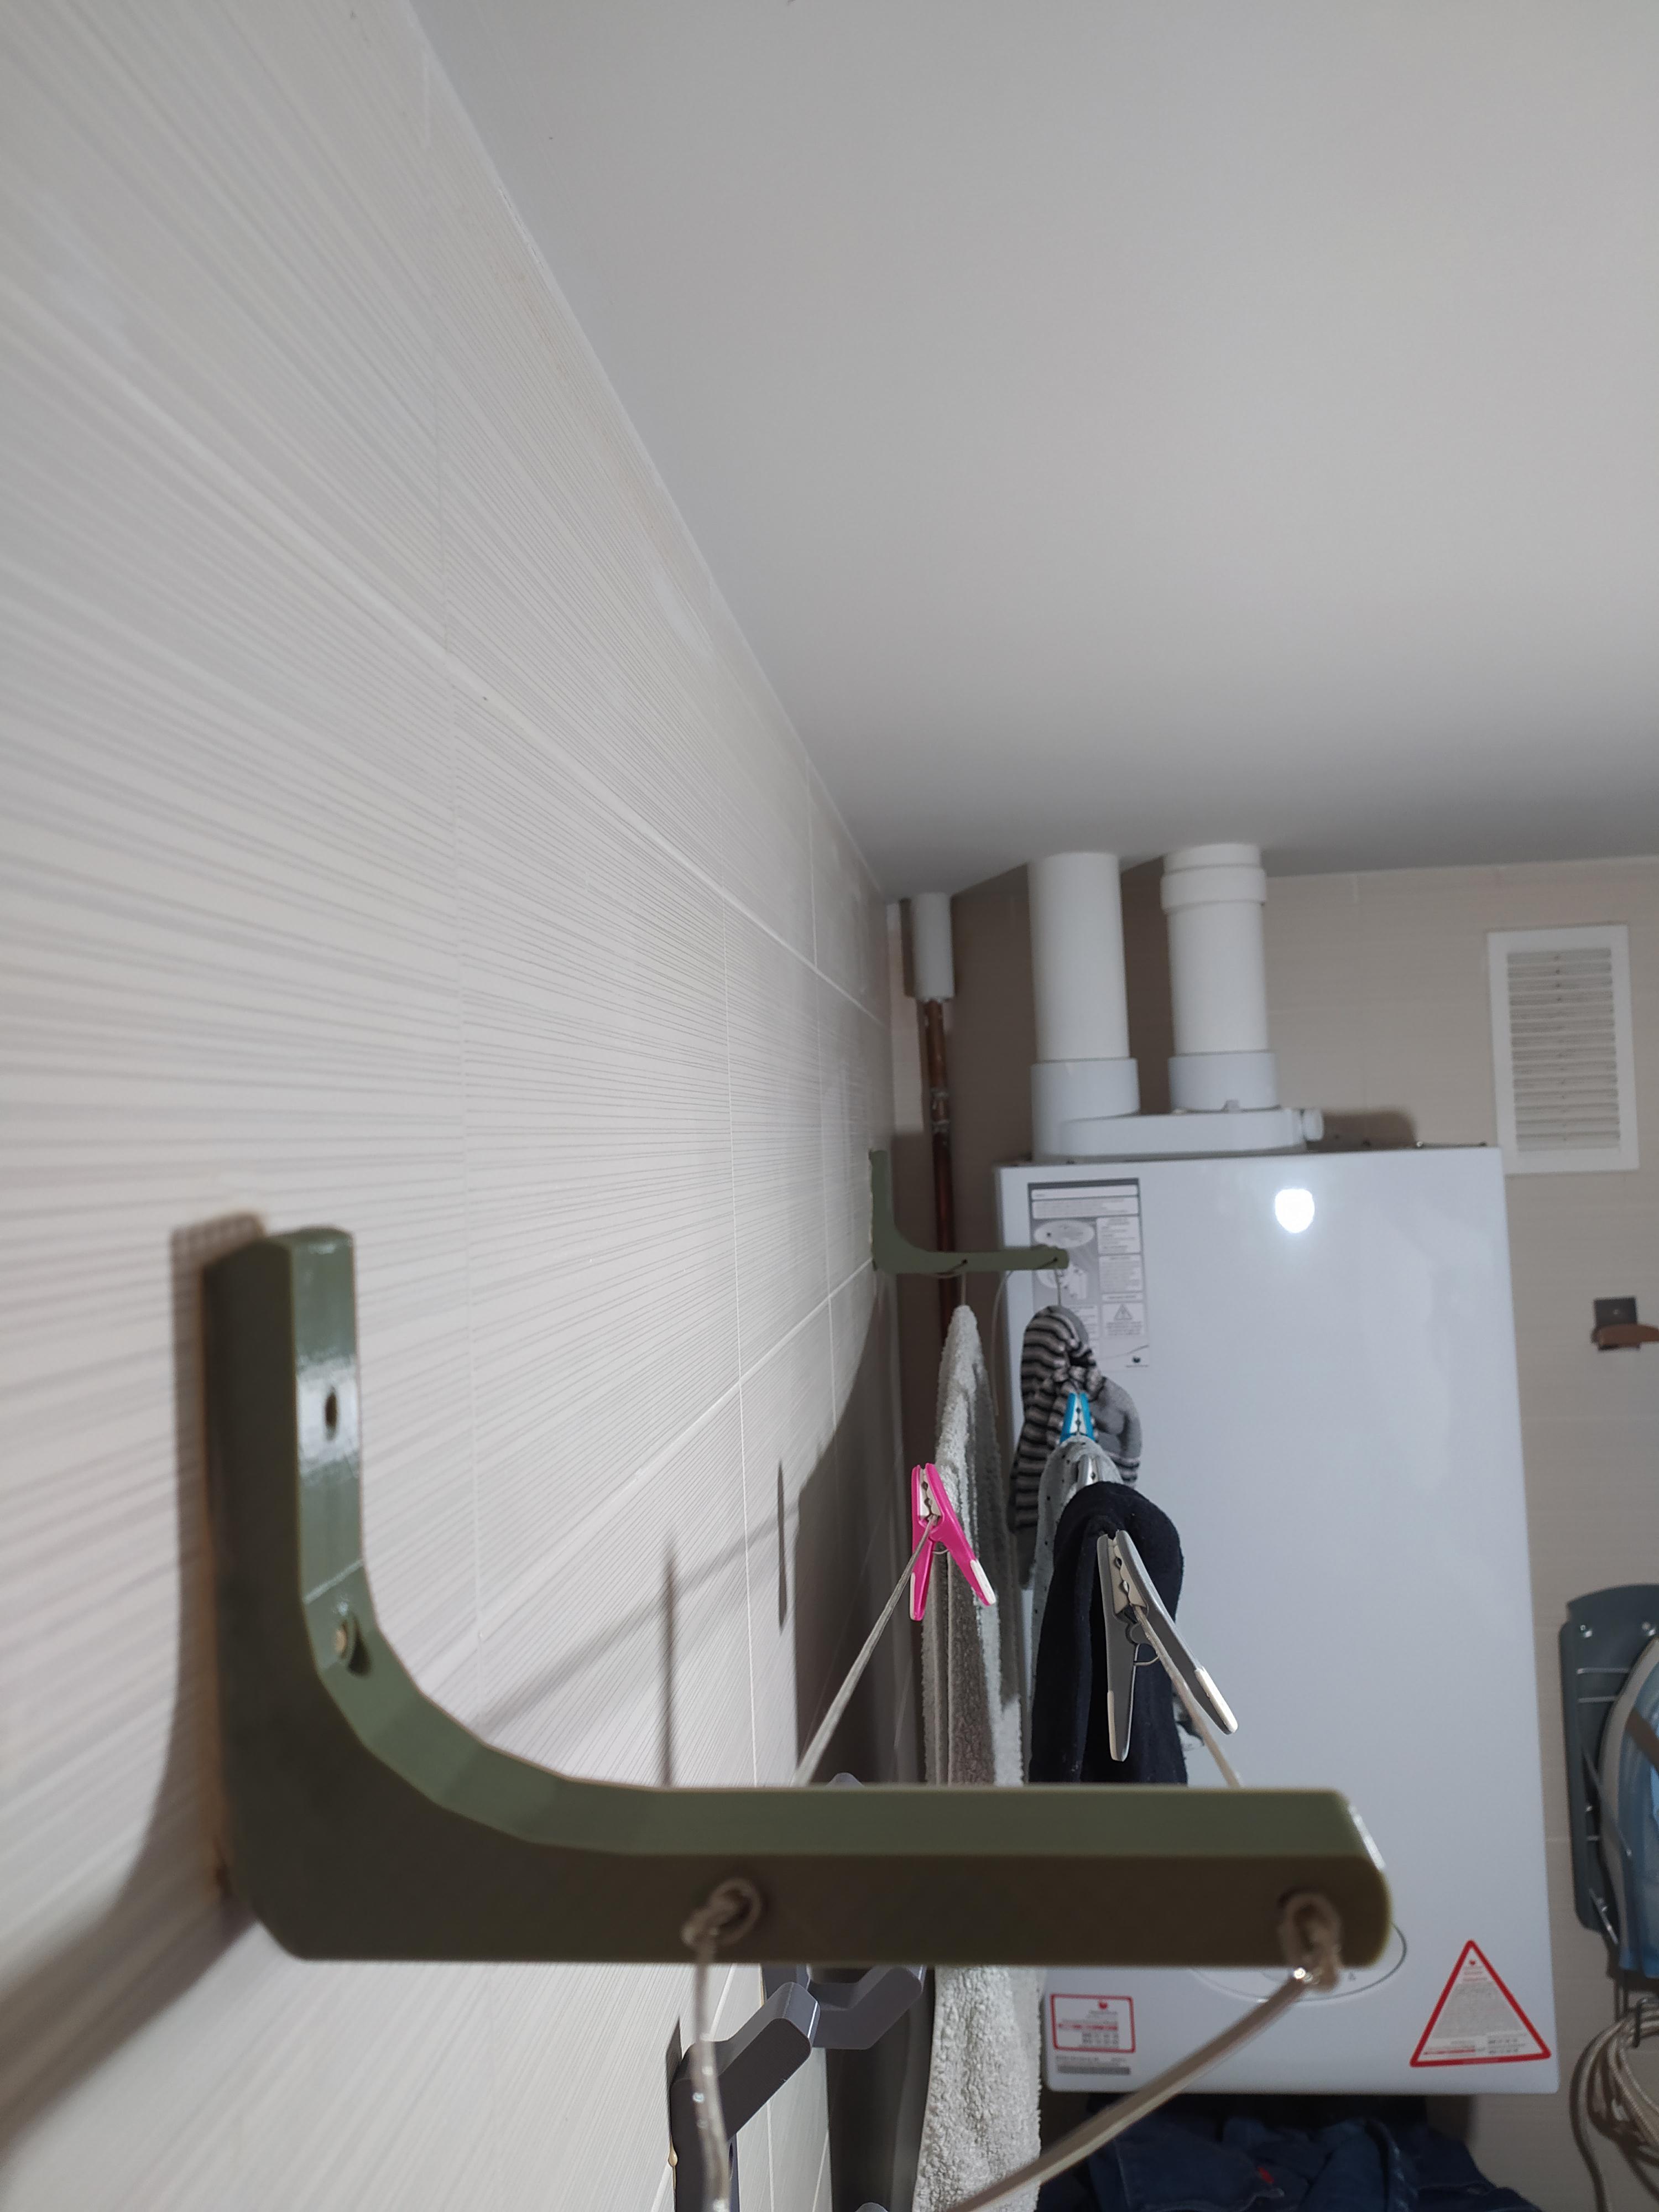 IMG_20200216_164746.jpg Télécharger fichier STL gratuit Mini-corde à linge - Mini Tendal • Plan à imprimer en 3D, frgbpon